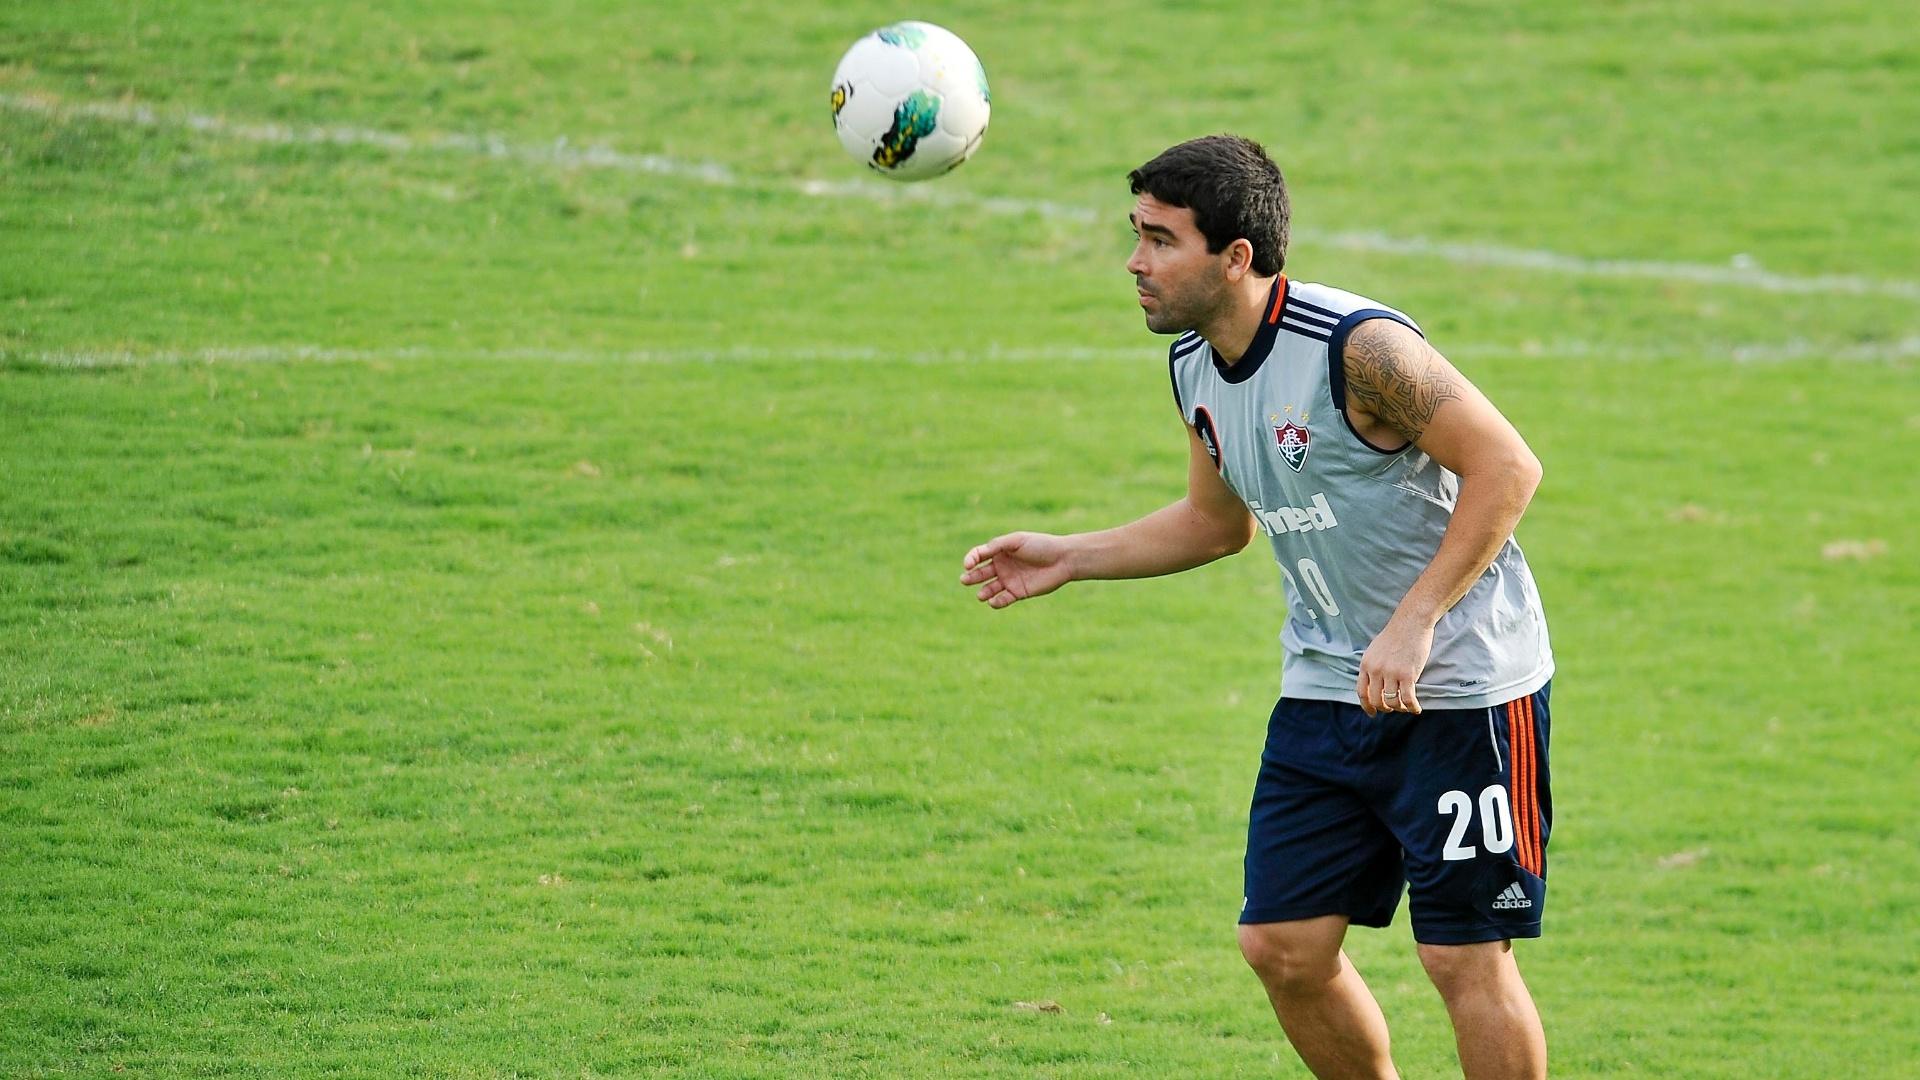 Deco cabeceia a bola em treino do Fluminense nas Laranjeiras para a partida contra o Coritiba (24/10/2012)